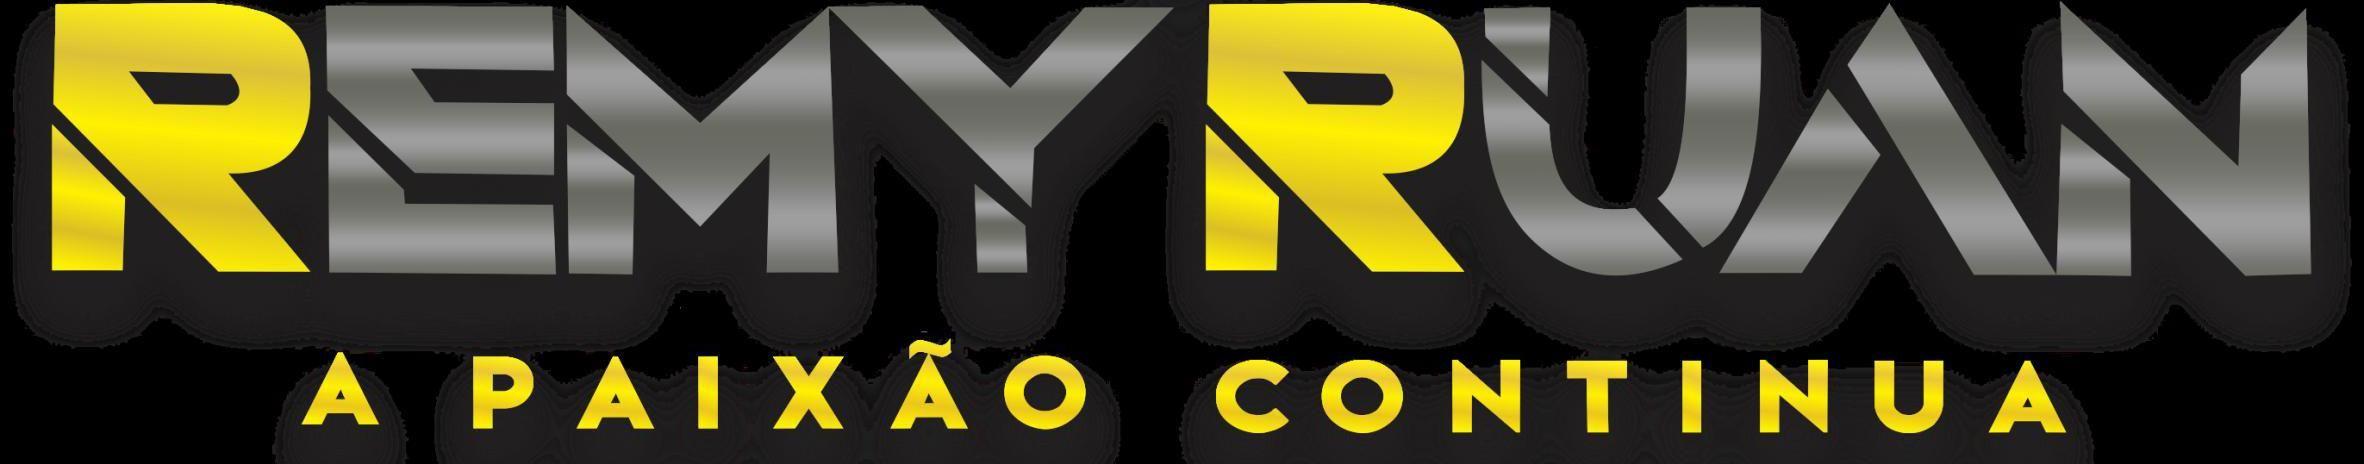 Imagem de capa de Remy Ruan